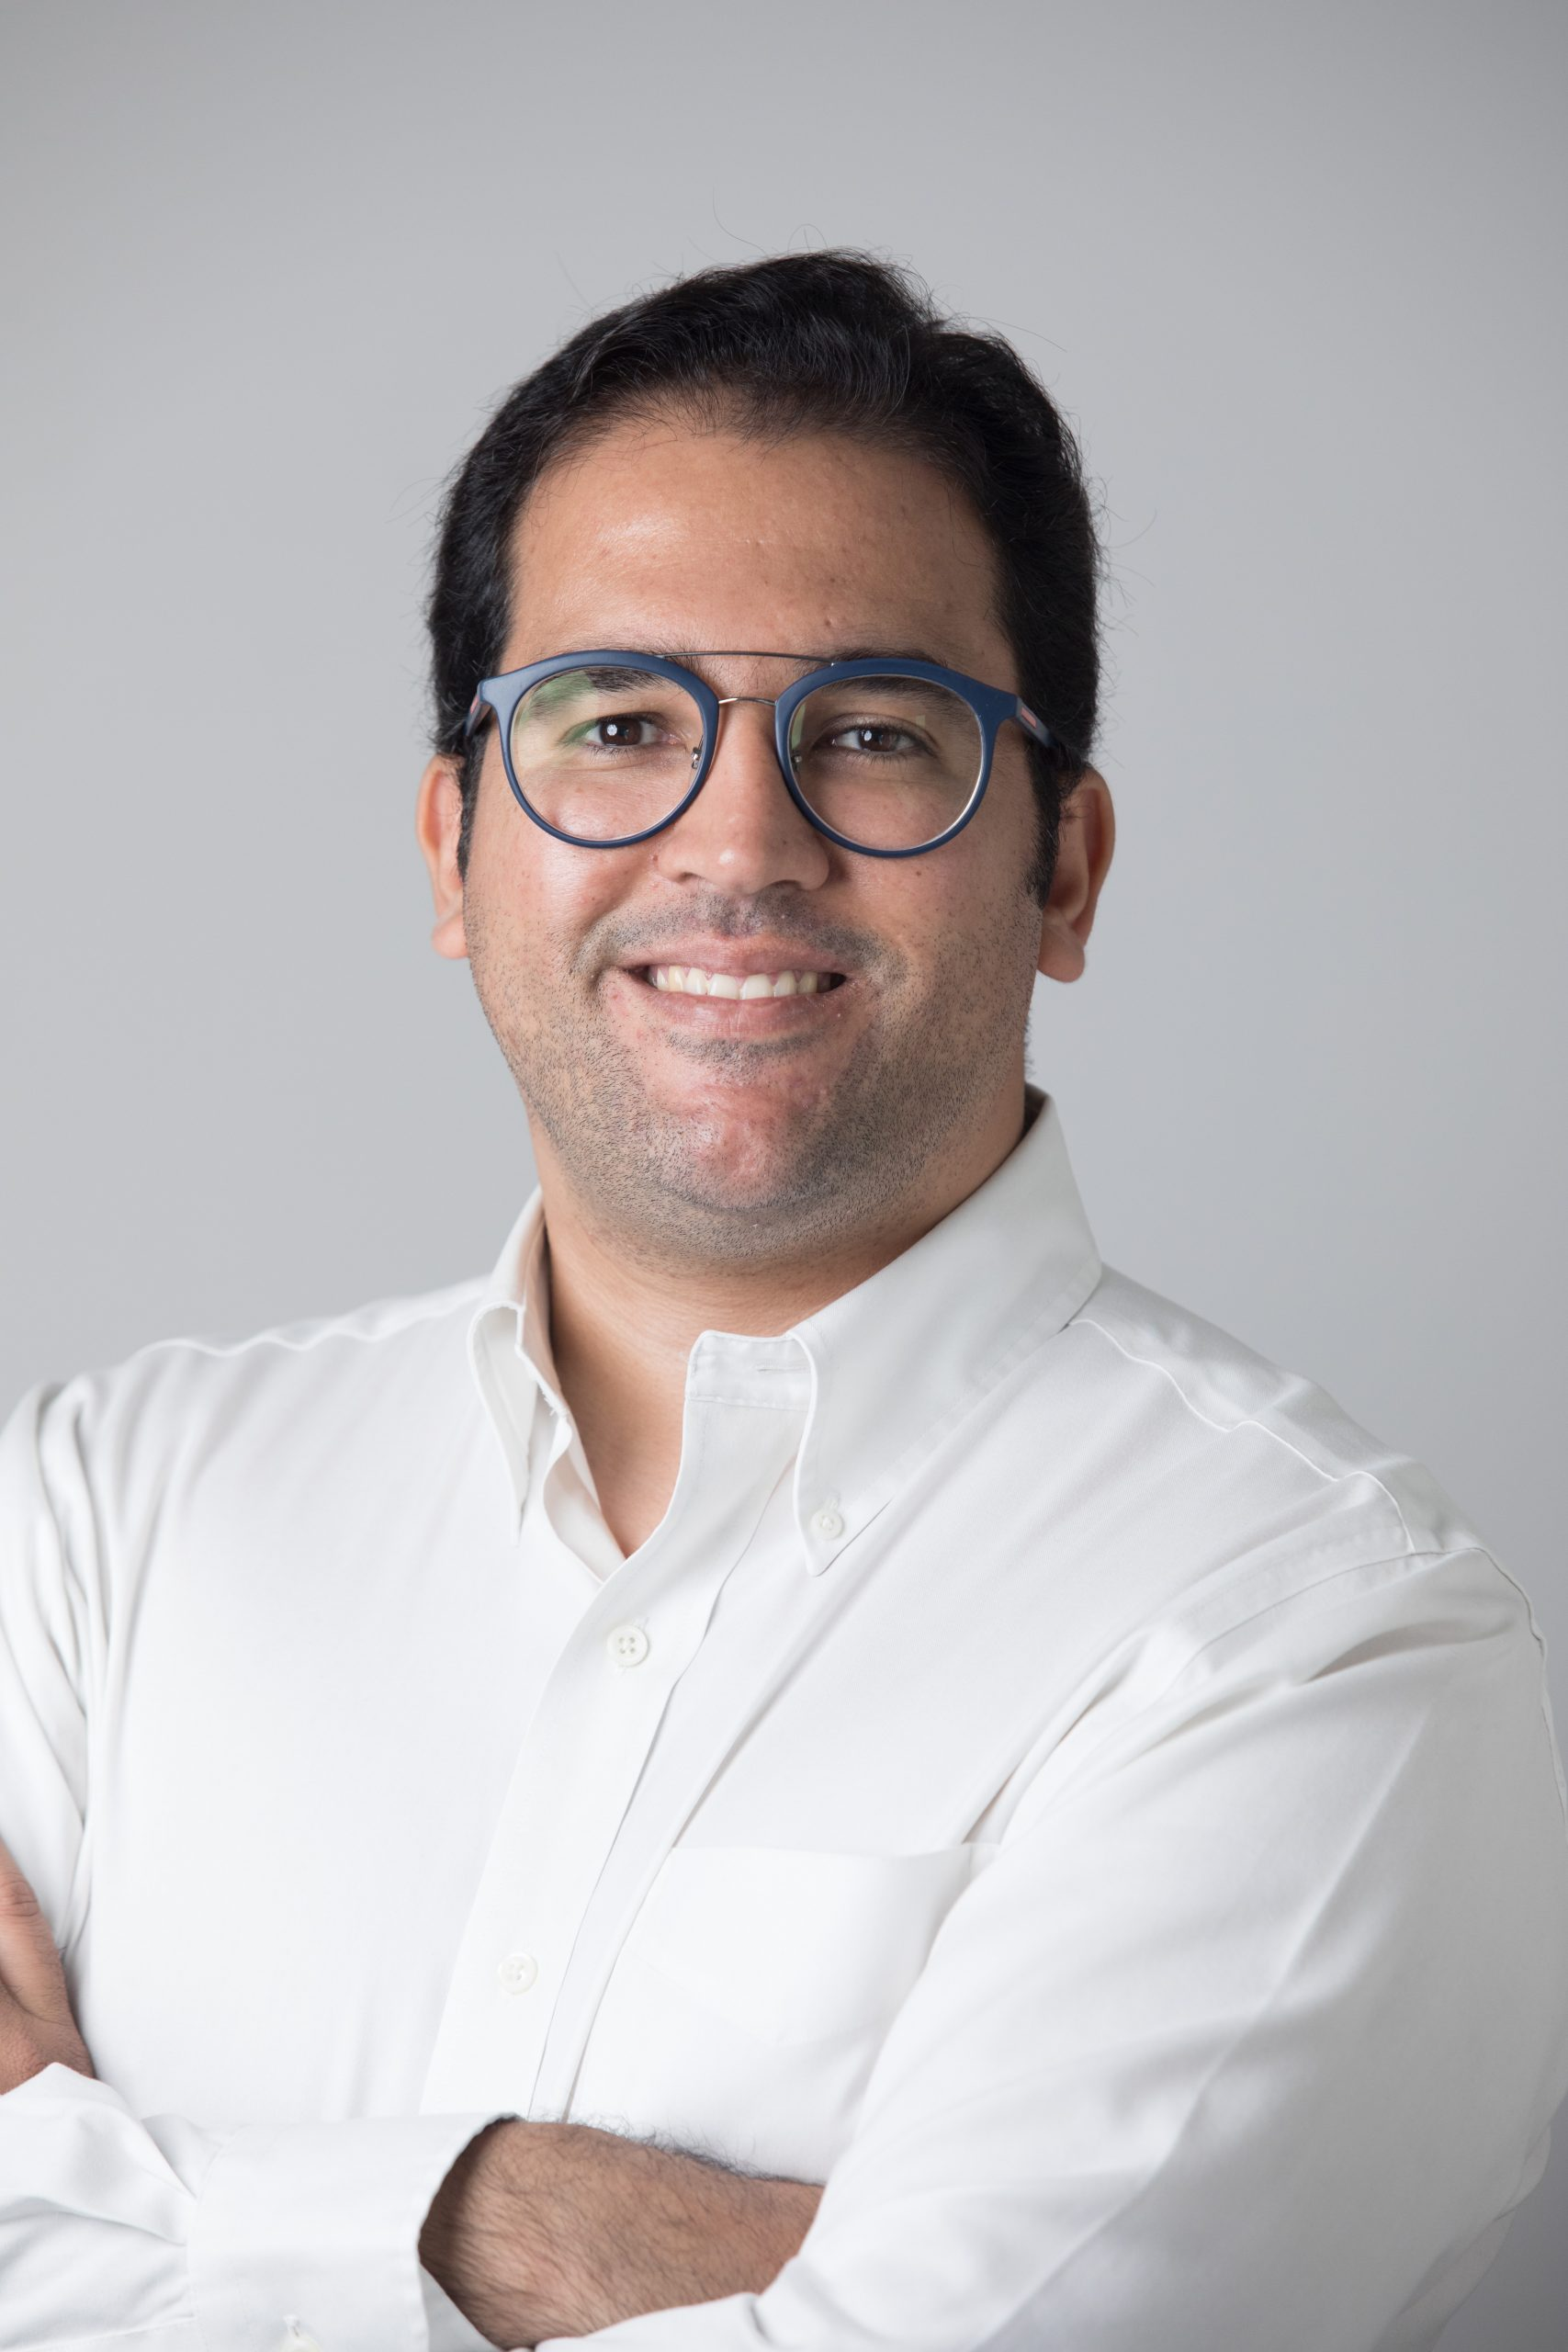 Guilherme Loureiro